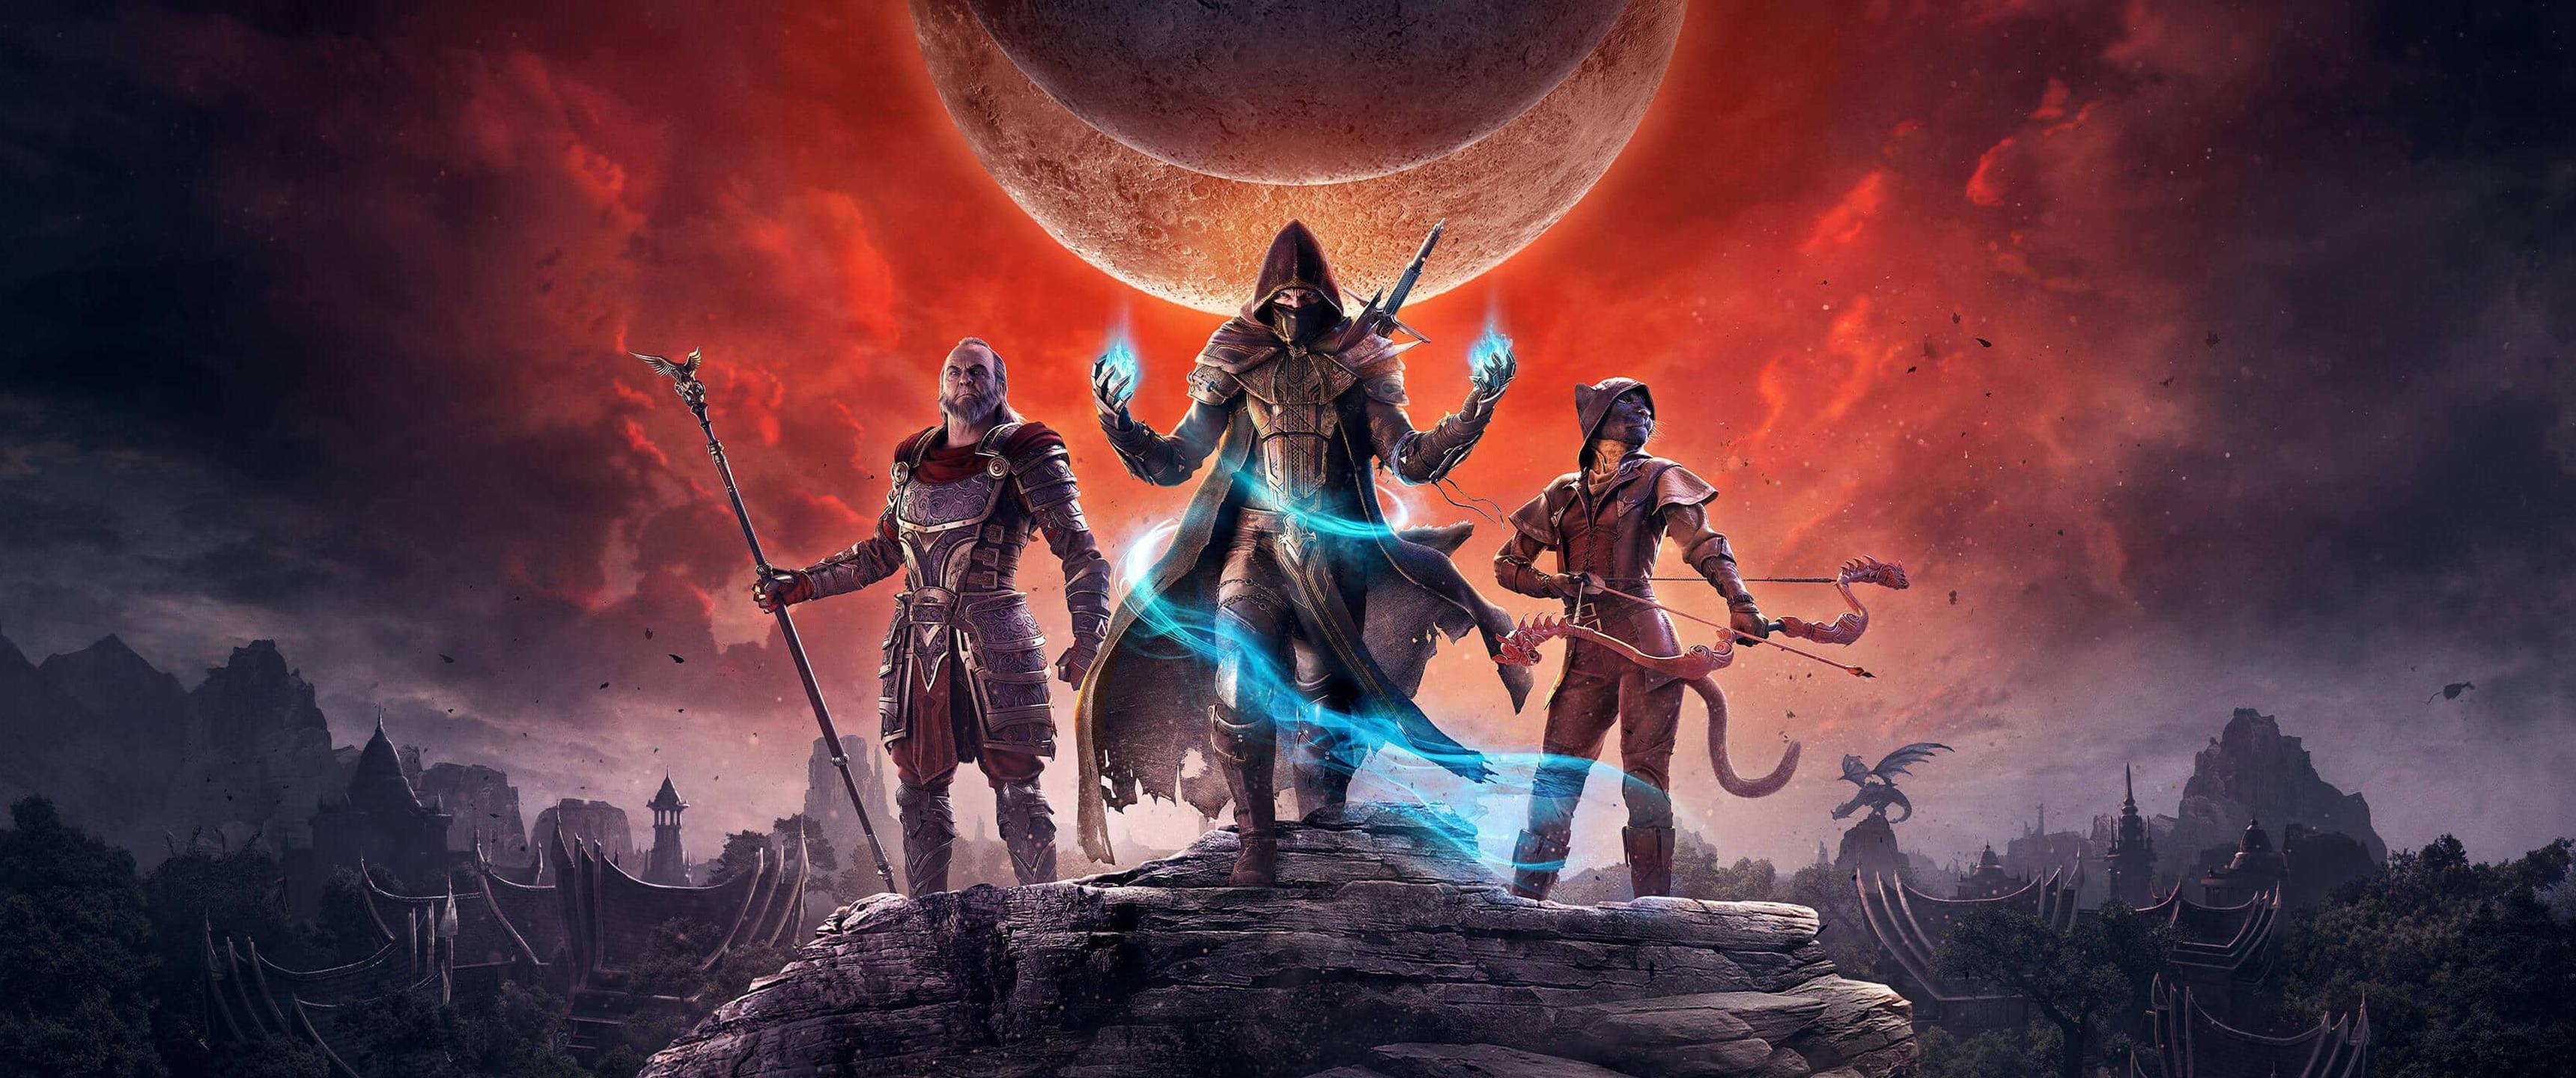 Elder Scrolls Online  Elsweyr Ultrawide Wallpaper 3440 x 1440 3440x1440